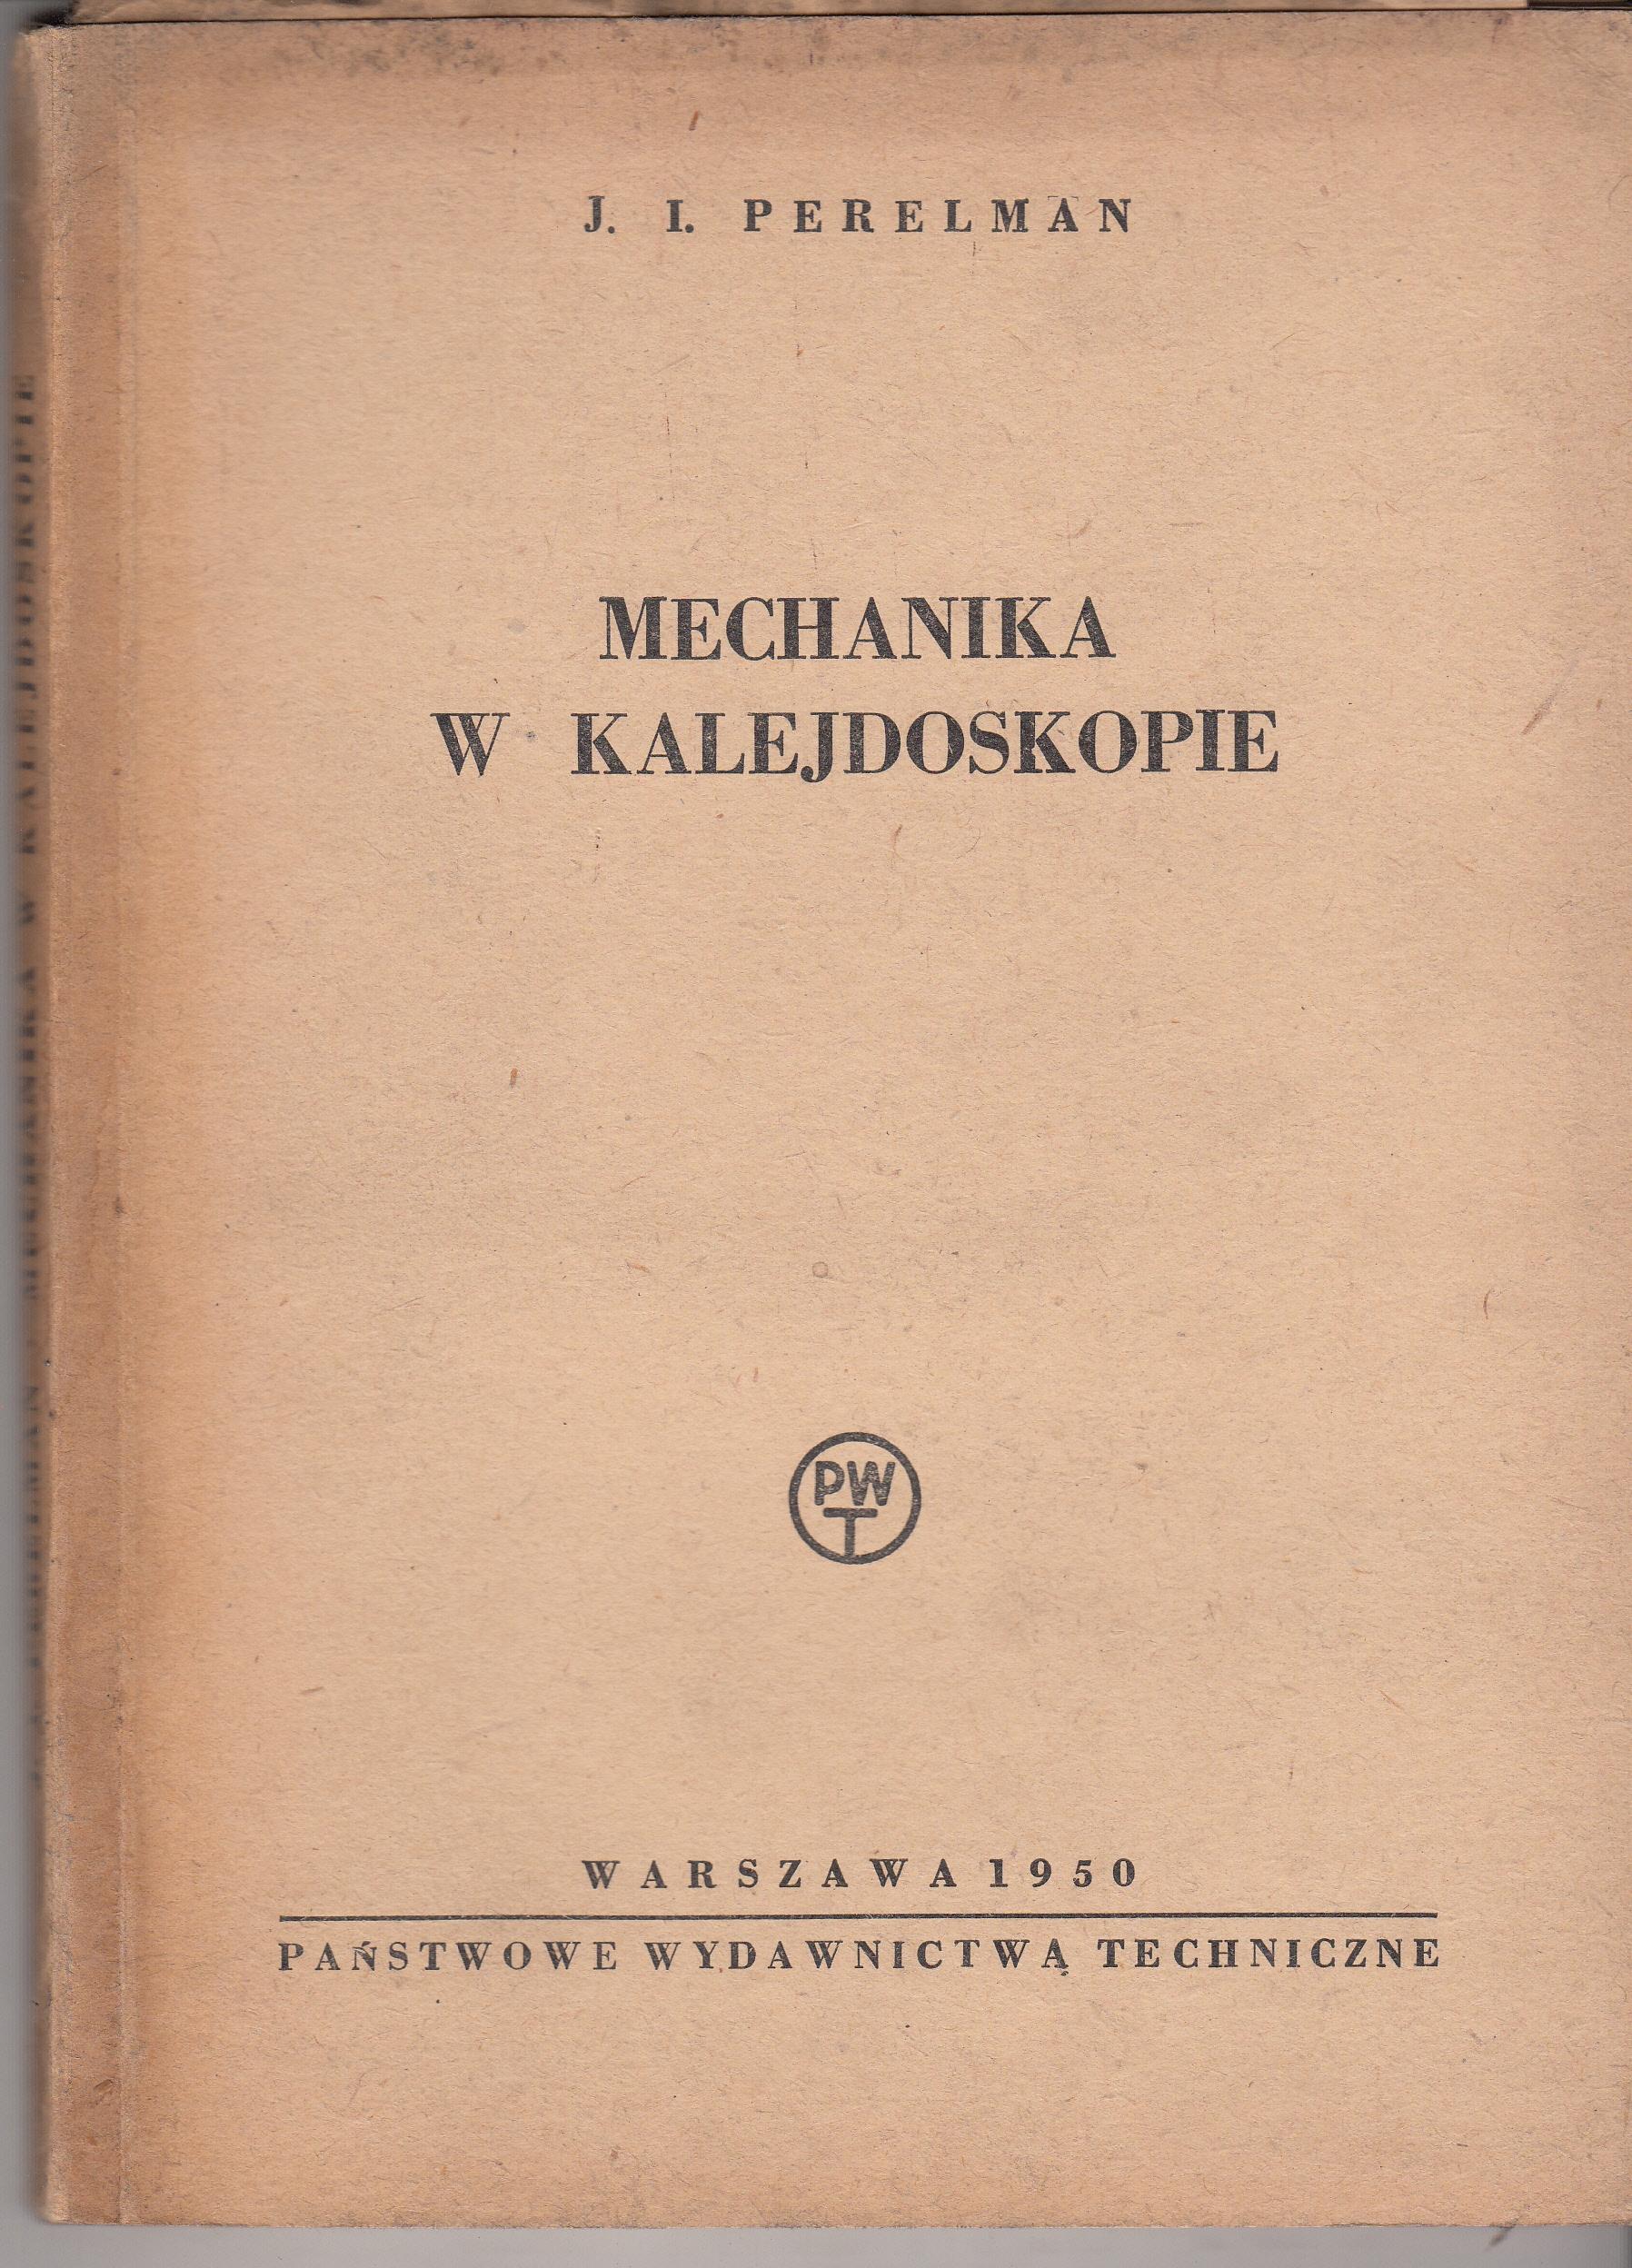 Mechanika w kalejdoskopie Perelman